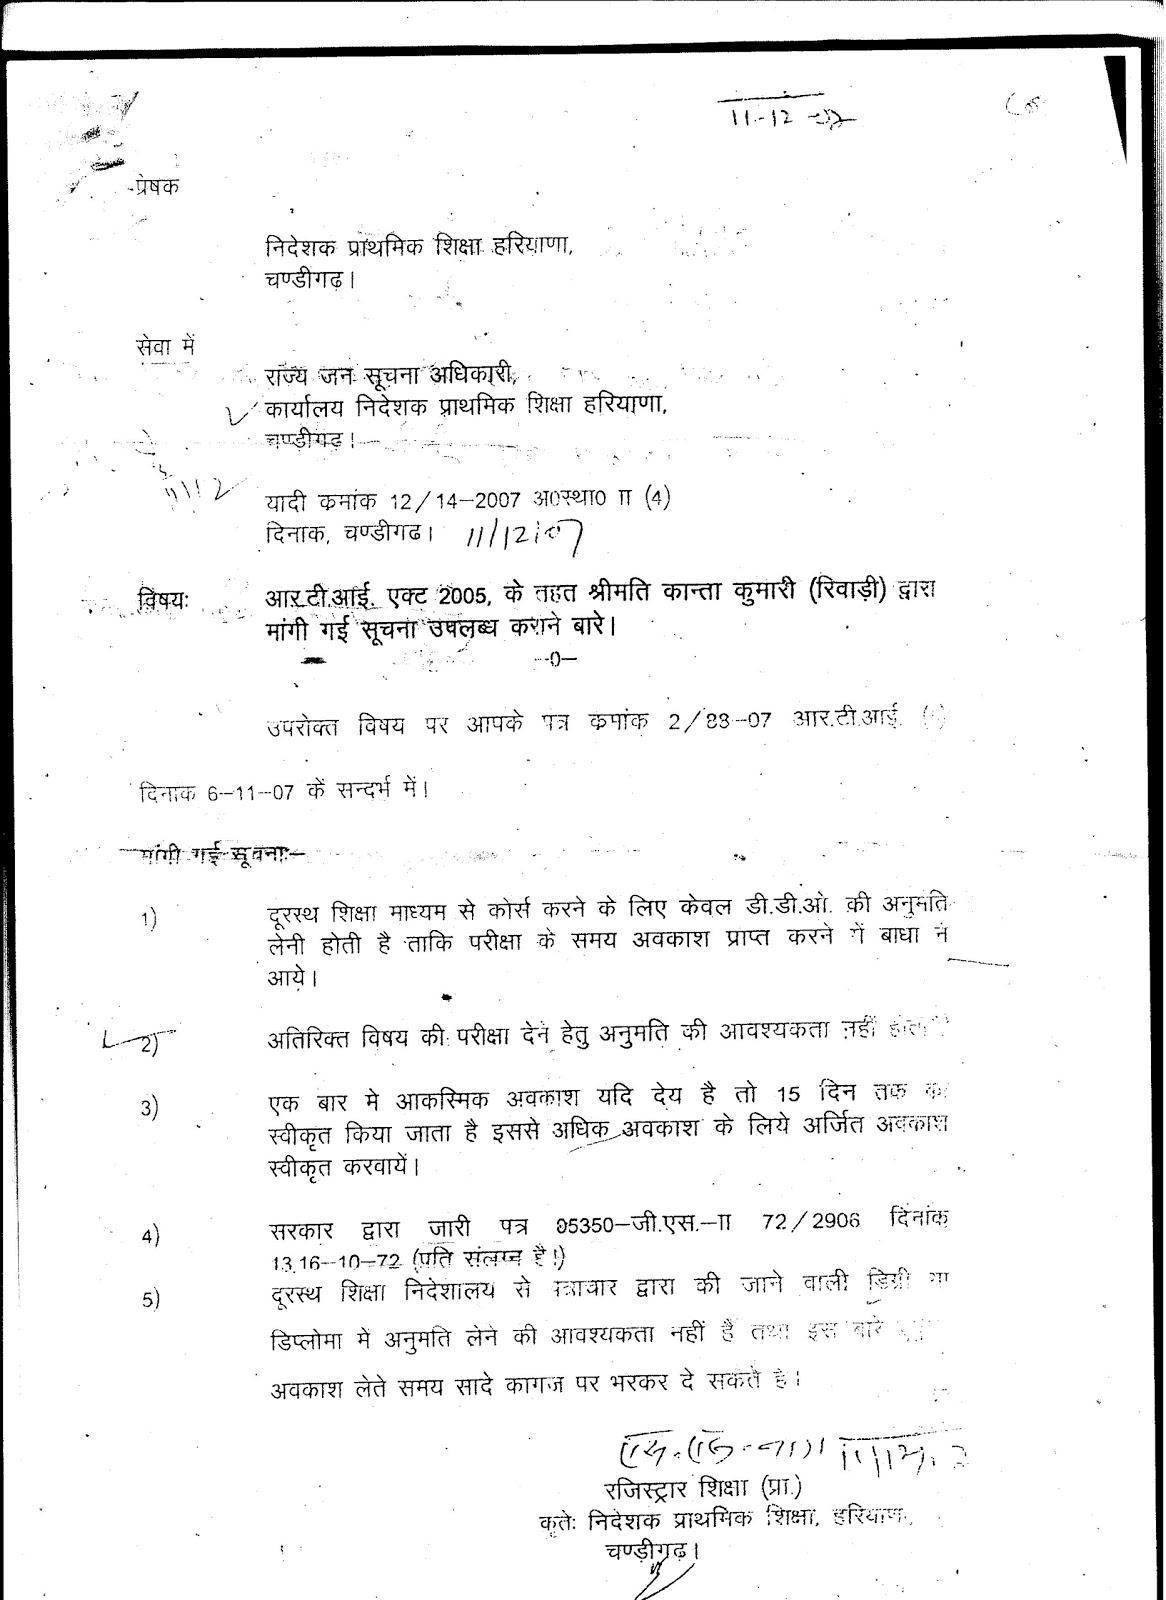 Rajkiya Prathmik Shikshak Sangh Haryana Letter Regarding